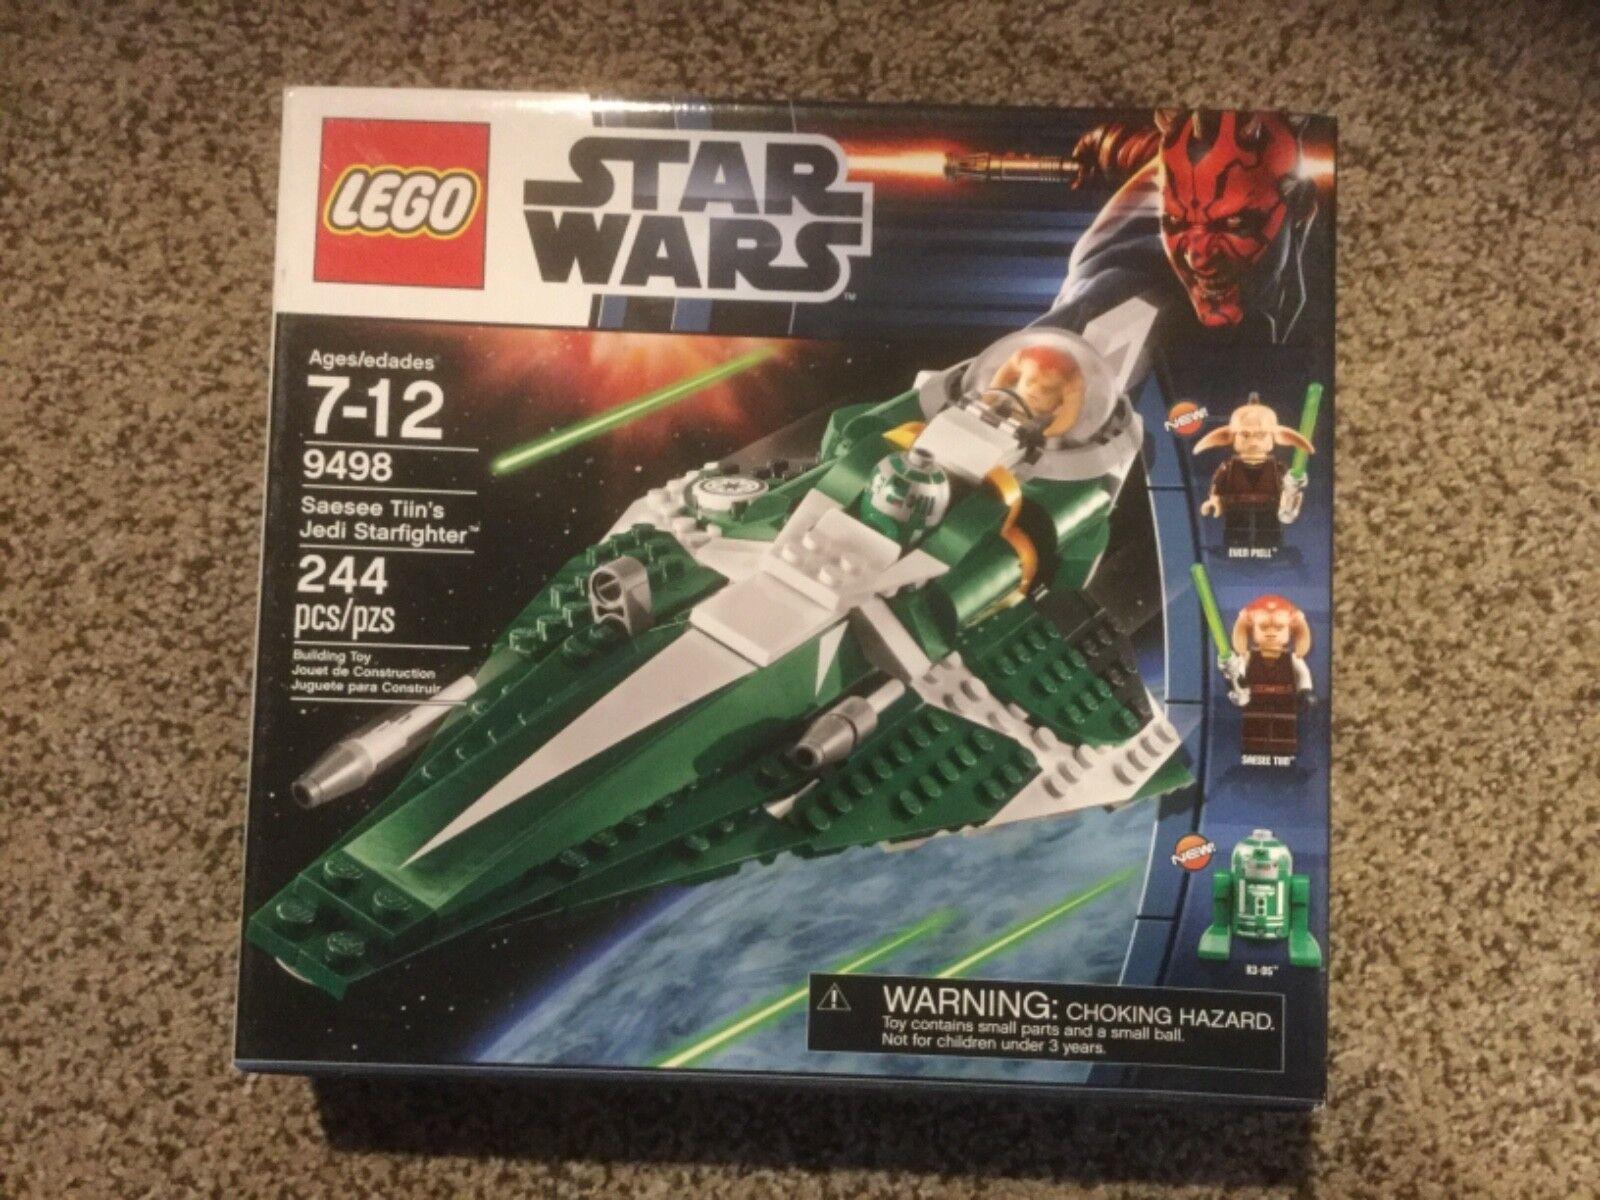 Neuf  dans sa boîte LEGO Star Wars T Tiin's Jedi Starfighter (9498)  2018 magasin